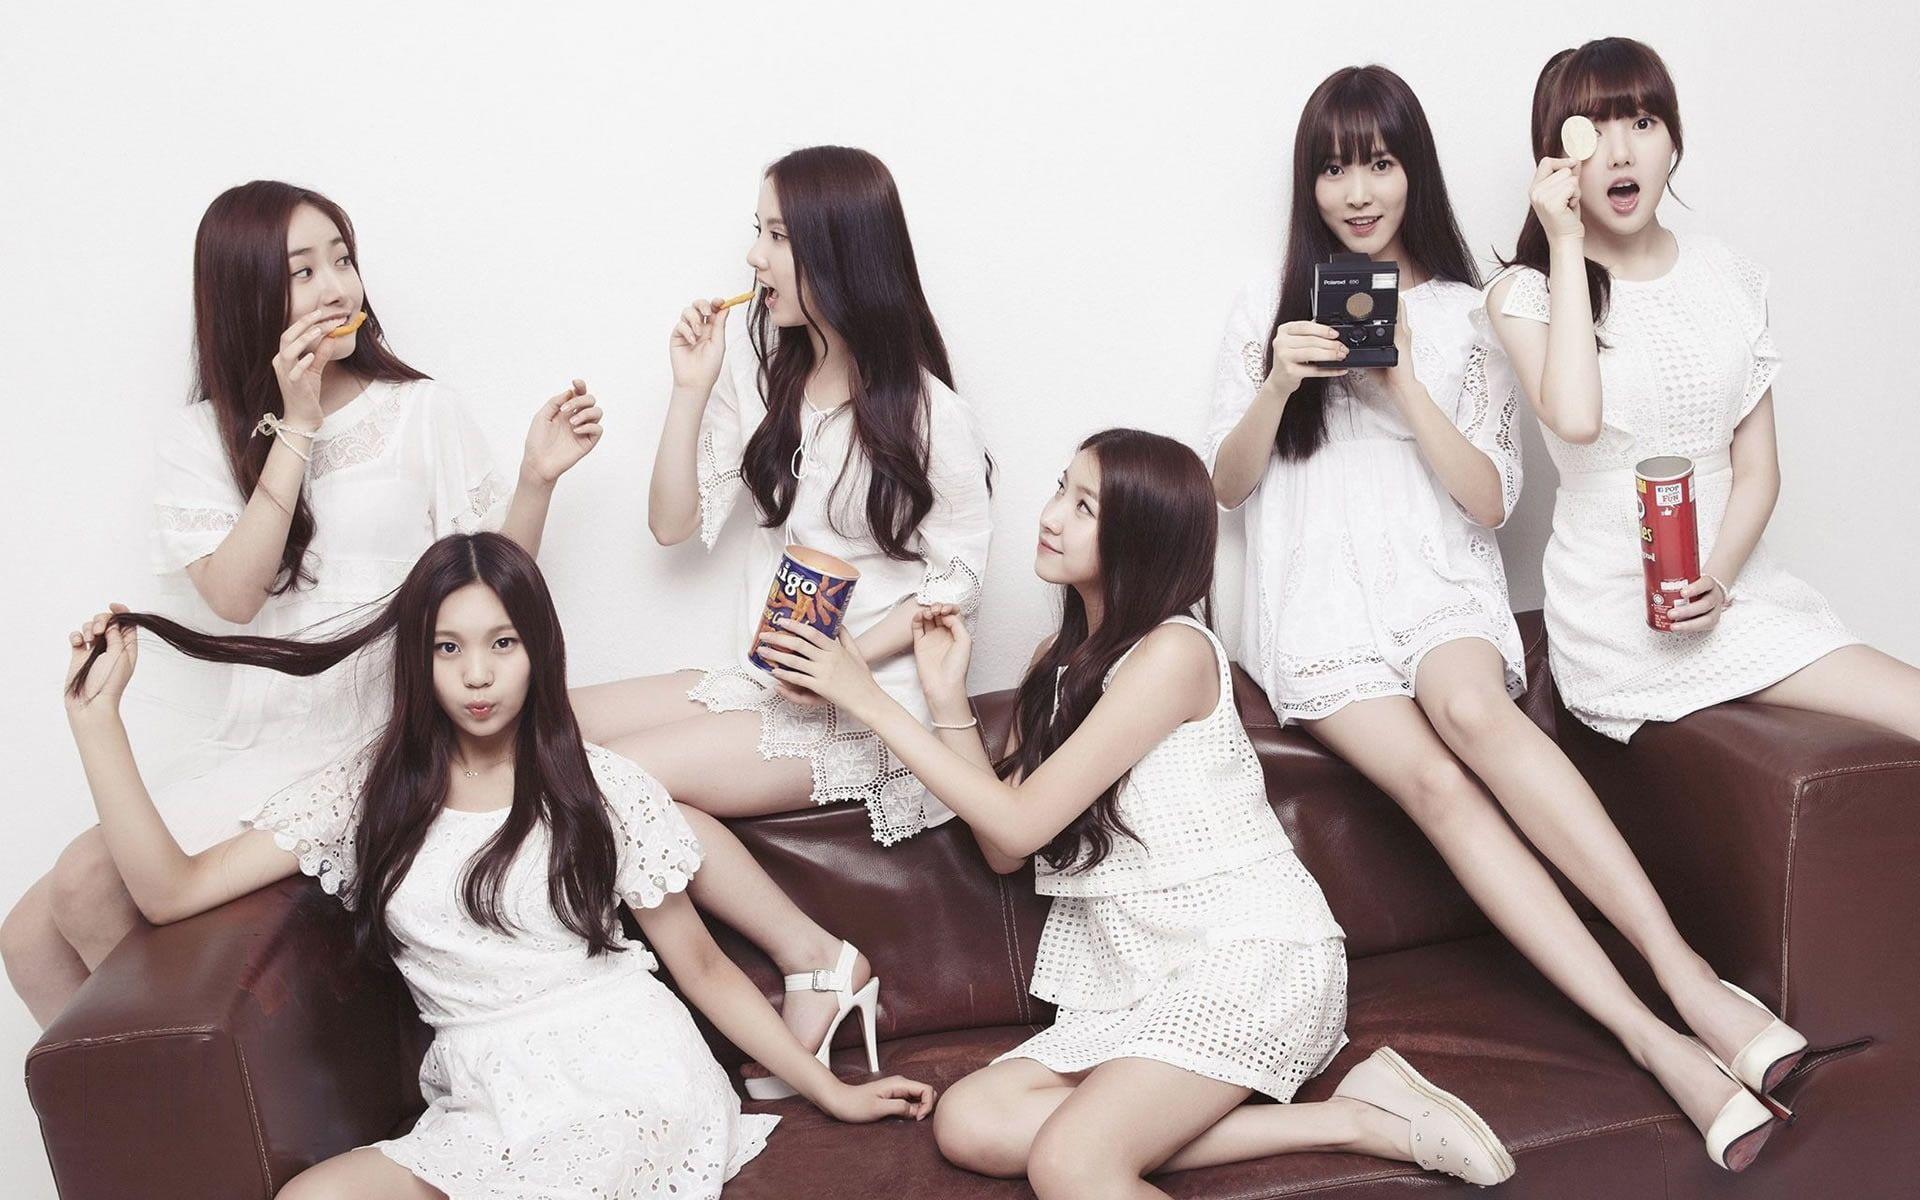 Korean Beauty Singers Gfriend Photo Wallpaper 16 1080p Wallpaper Hdwallpaper Desktop Running Man Cast G Friend Kpop Girl Groups